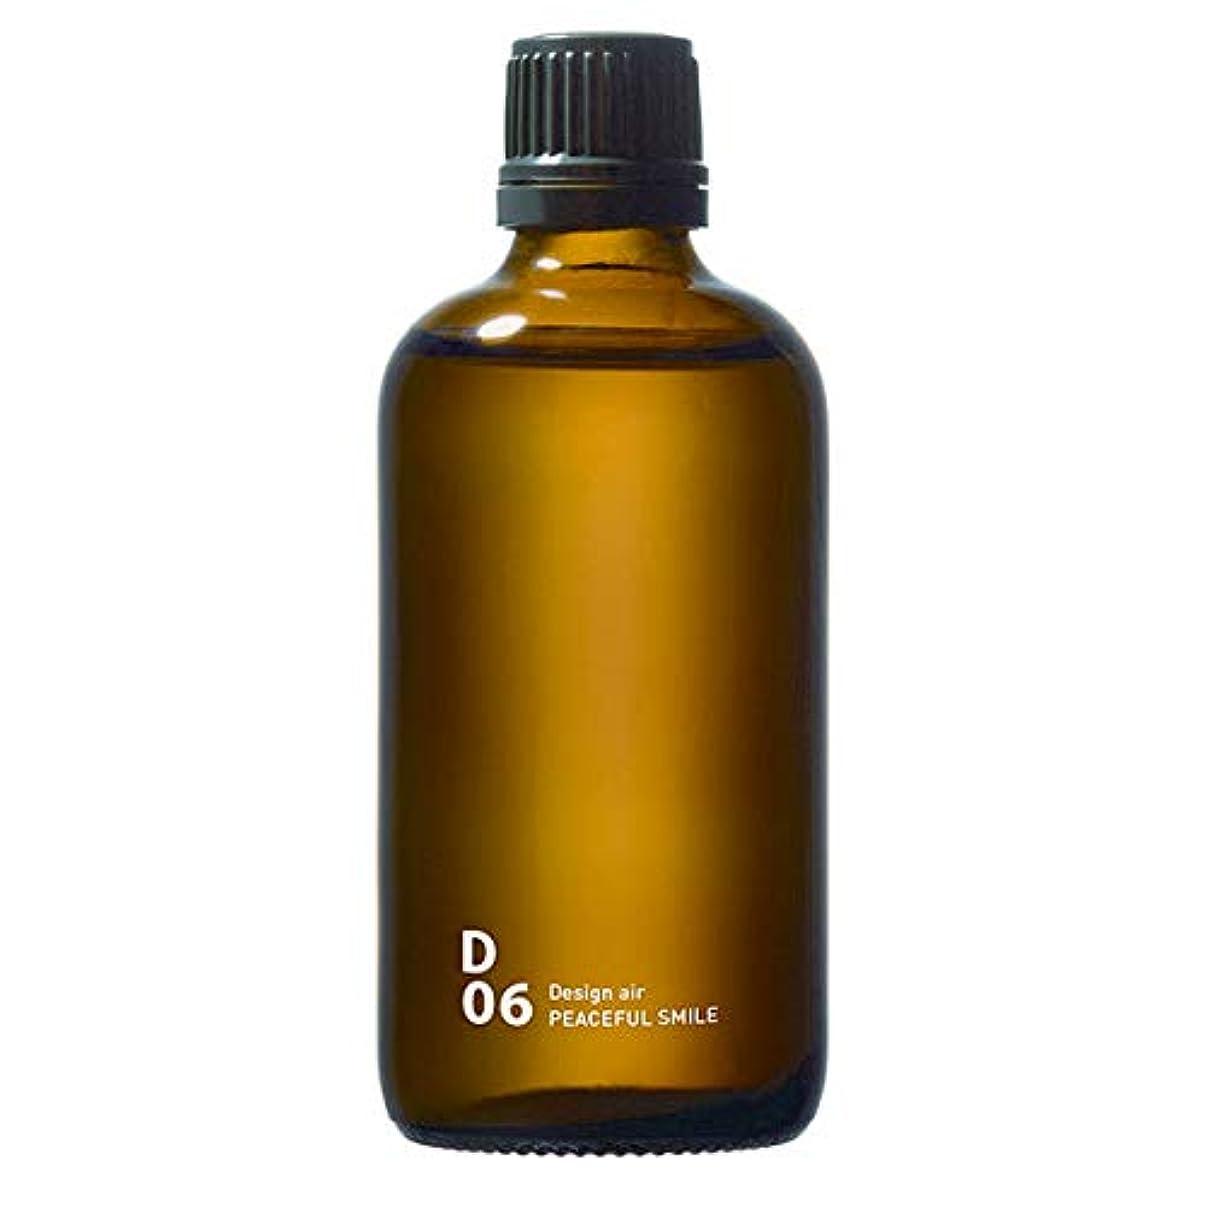 海港インレイ本質的にD06 PEACEFUL SMILE piezo aroma oil 100ml